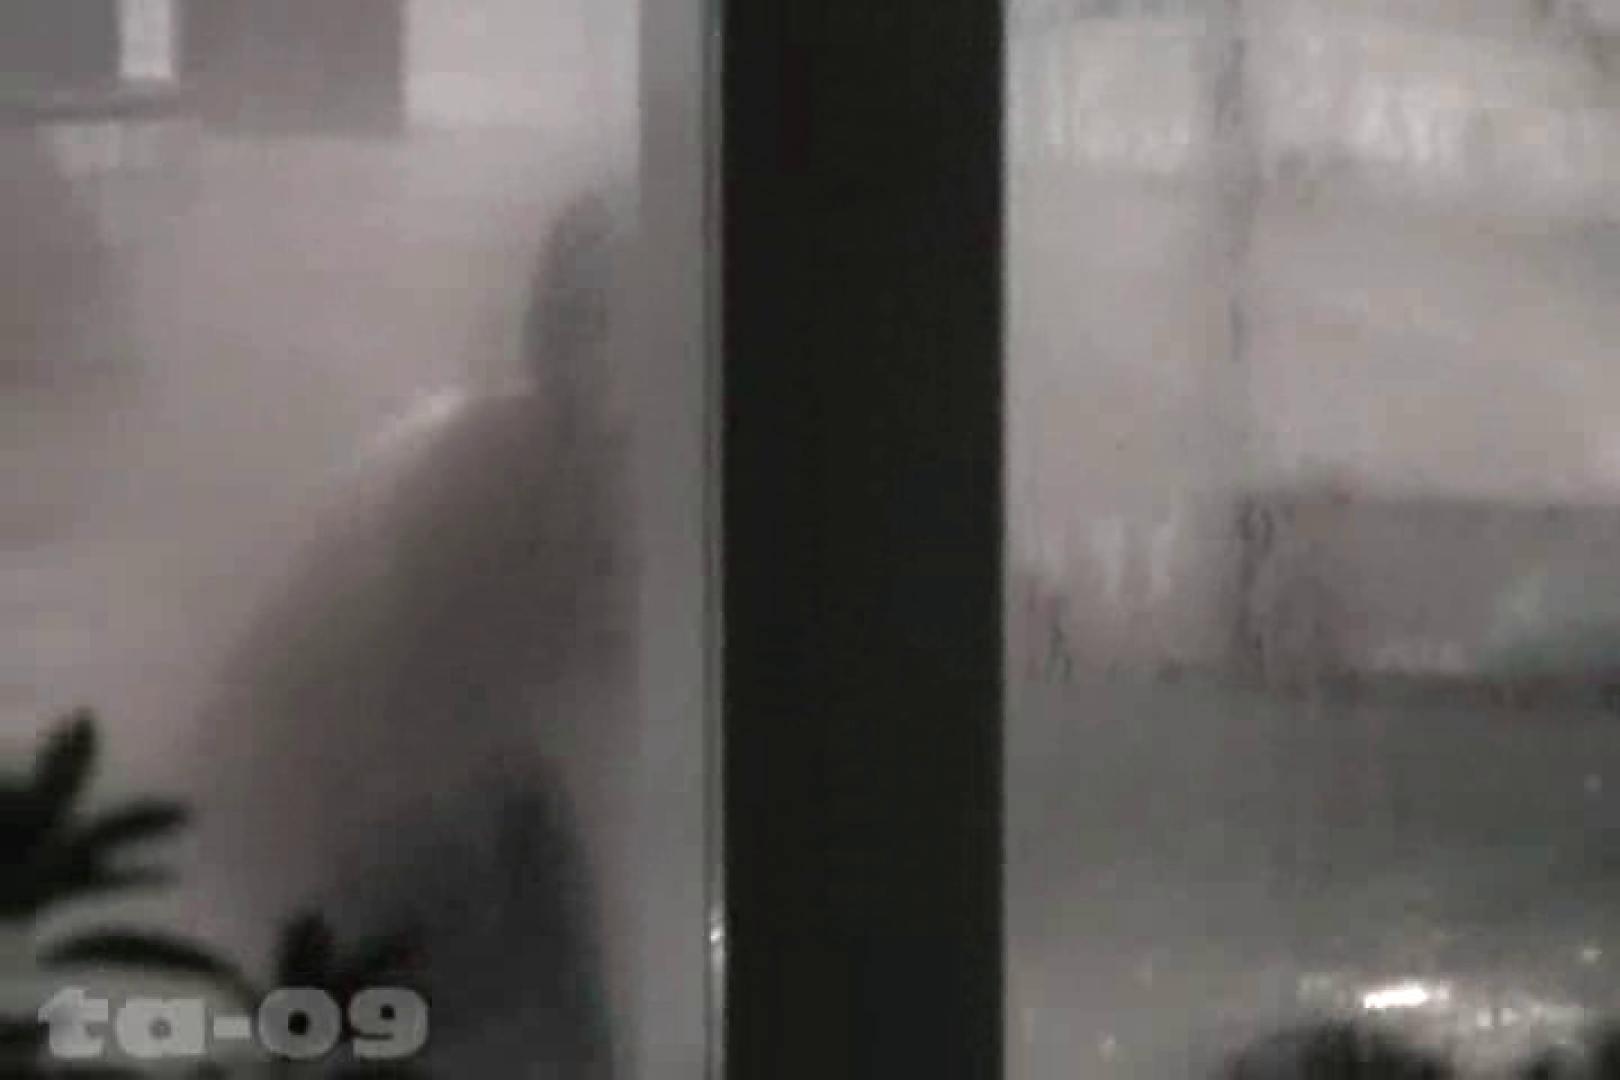 合宿ホテル女風呂盗撮高画質版 Vol.09 高画質 覗きぱこり動画紹介 82連発 4